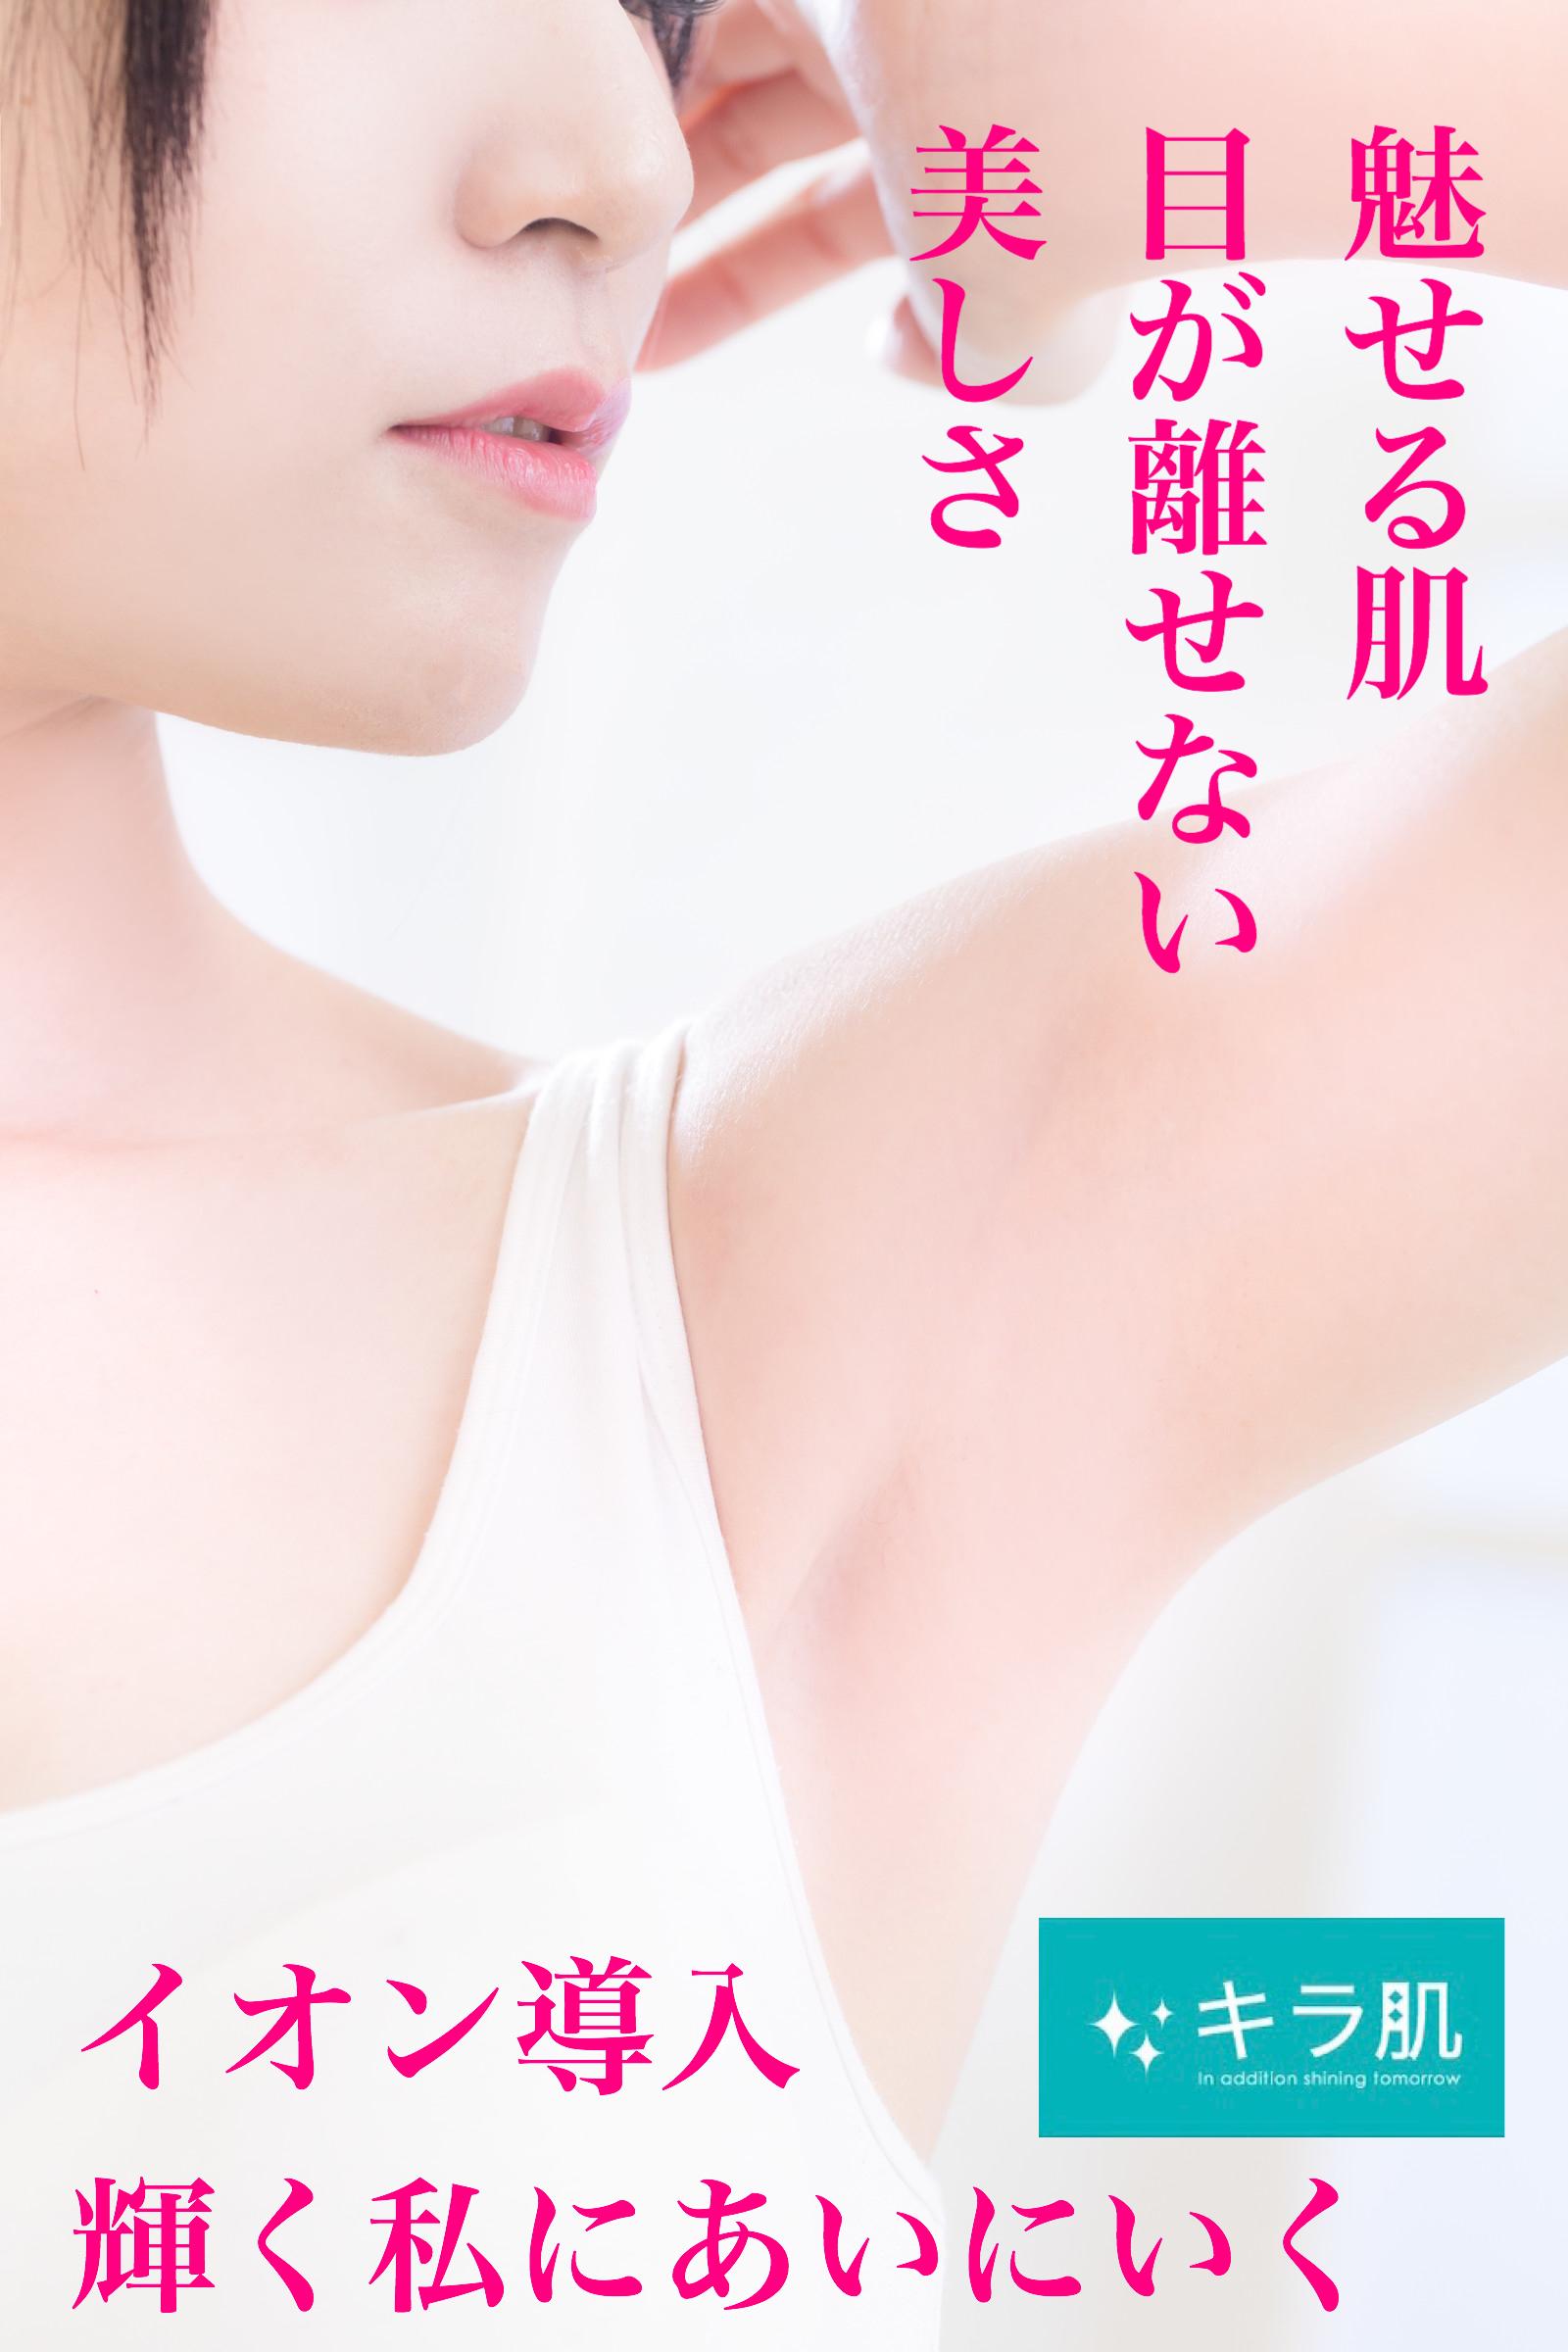 松江 脱毛 キラ肌